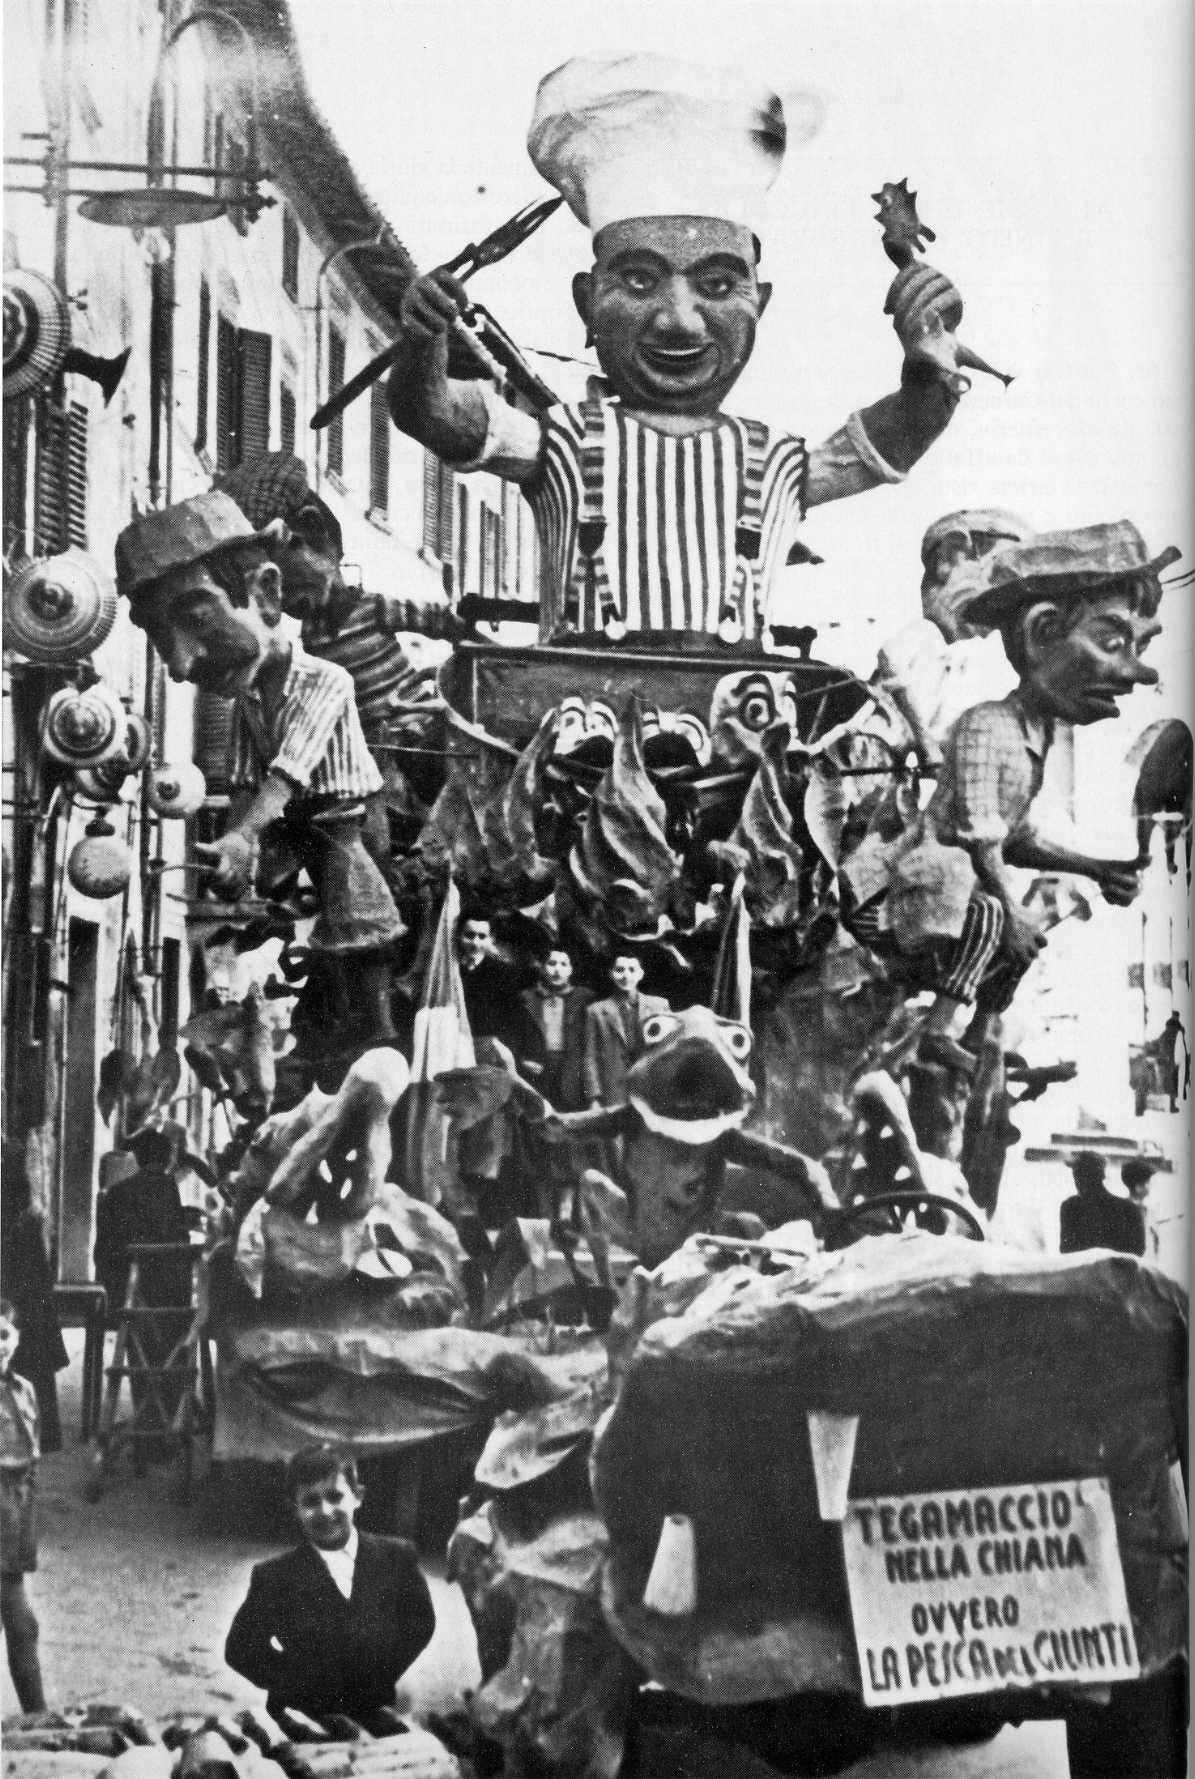 TEGAMACCIO NELLA CHIANA... OVVERO LA PESCA DEL GIUNTI -1950